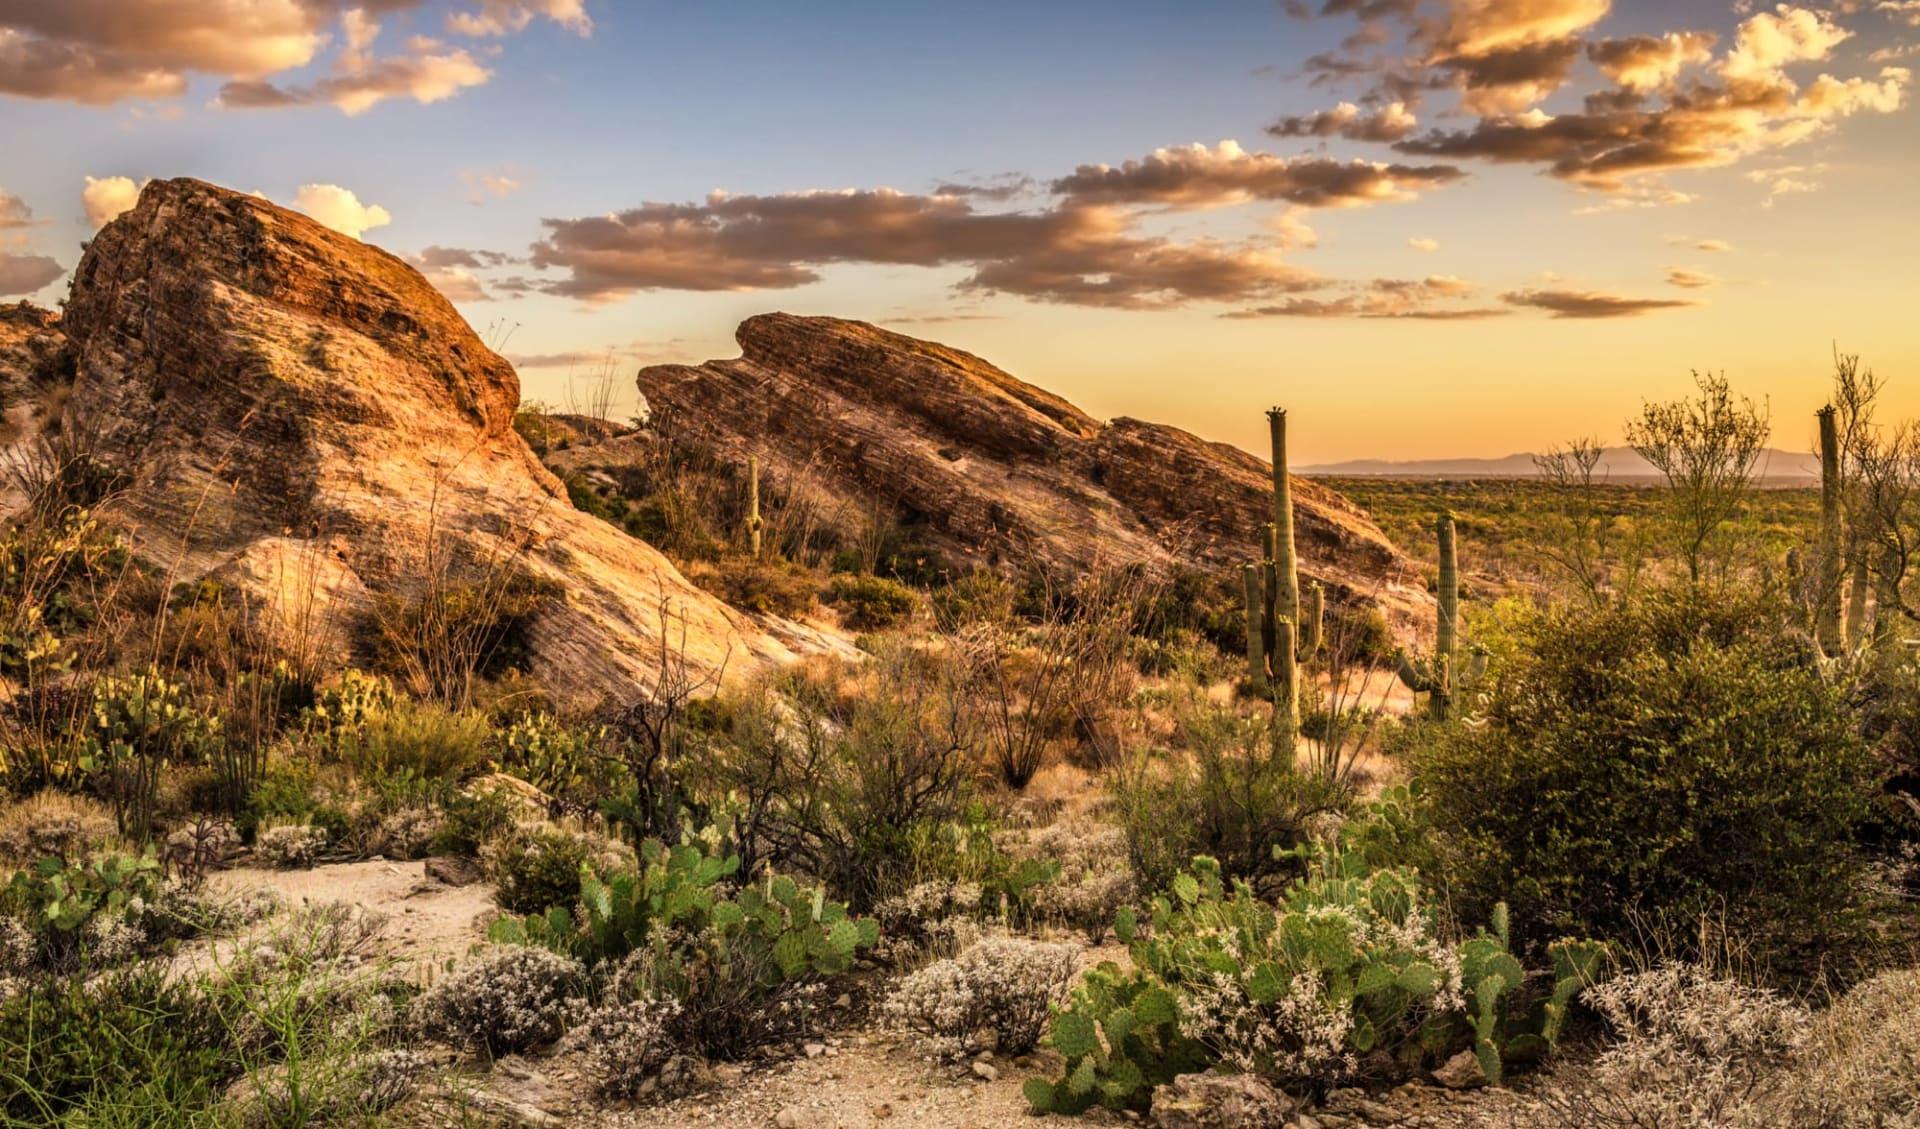 Spirit of the Southwest ab Phoenix: USA - Arizona - Javelina Rocks at Saguaro National Park